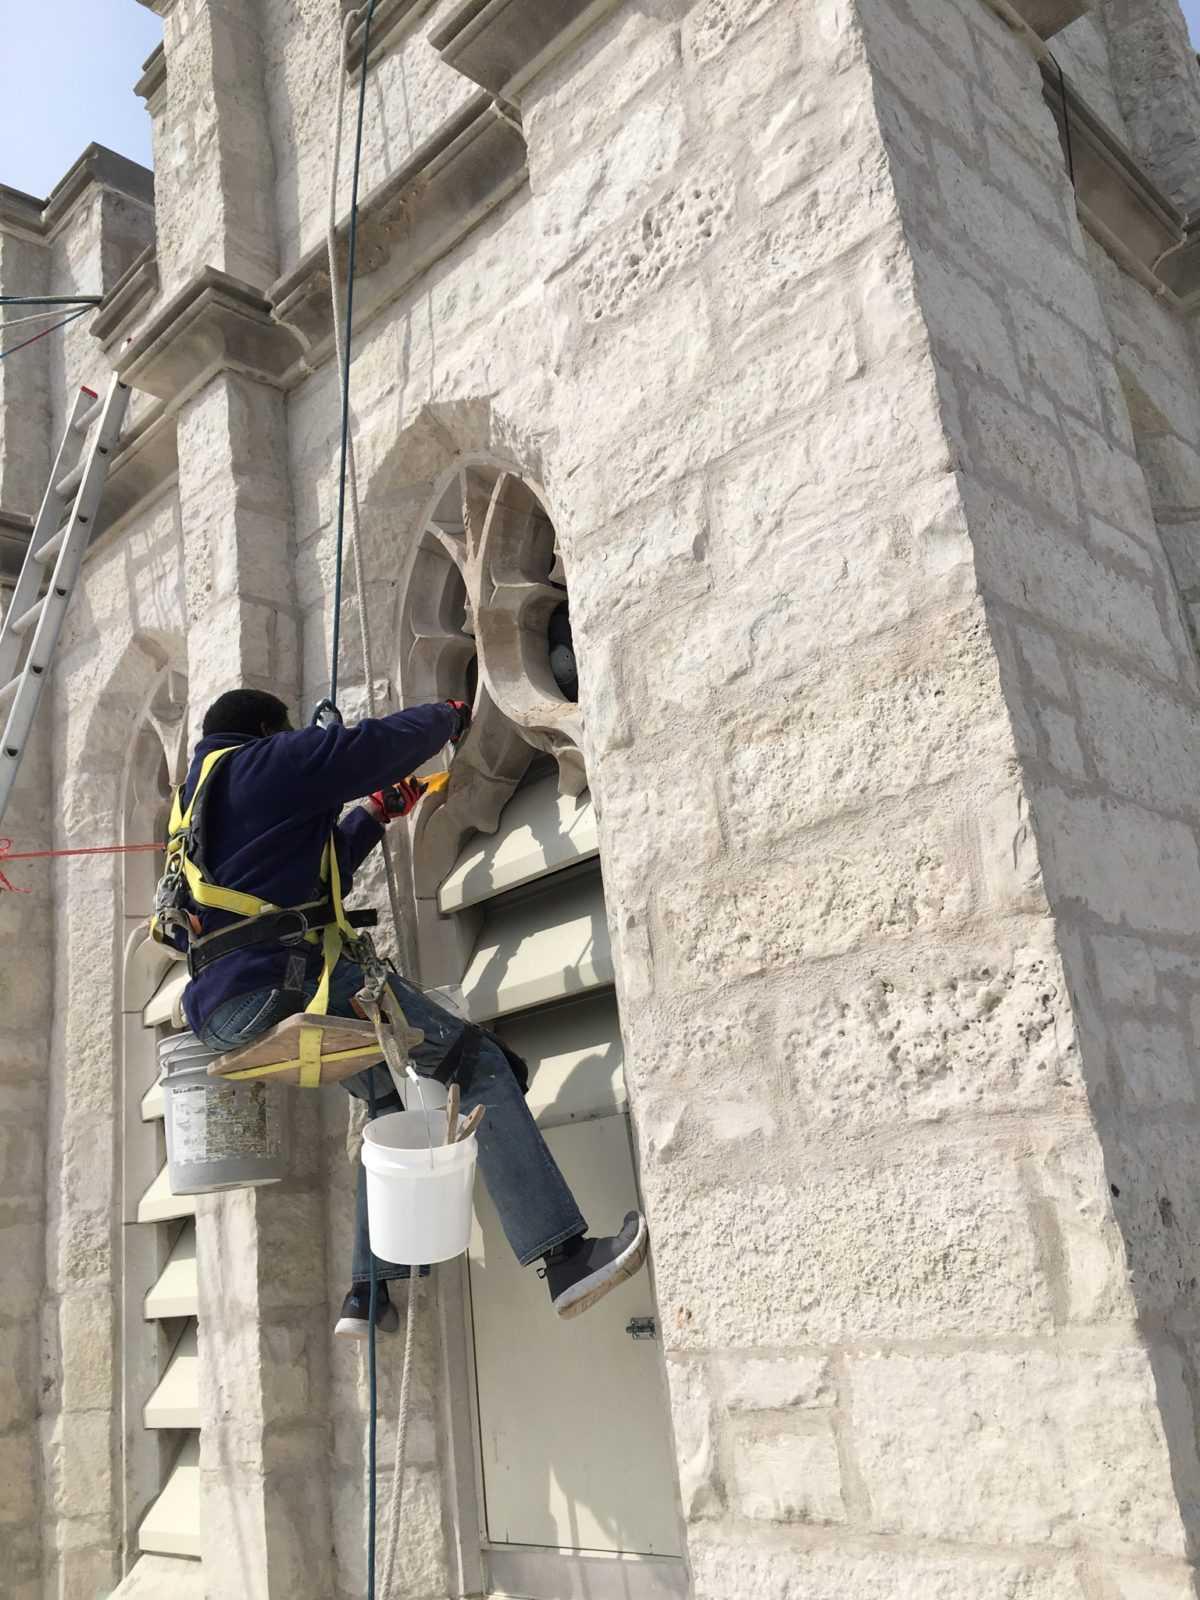 Steeplejack working on tower